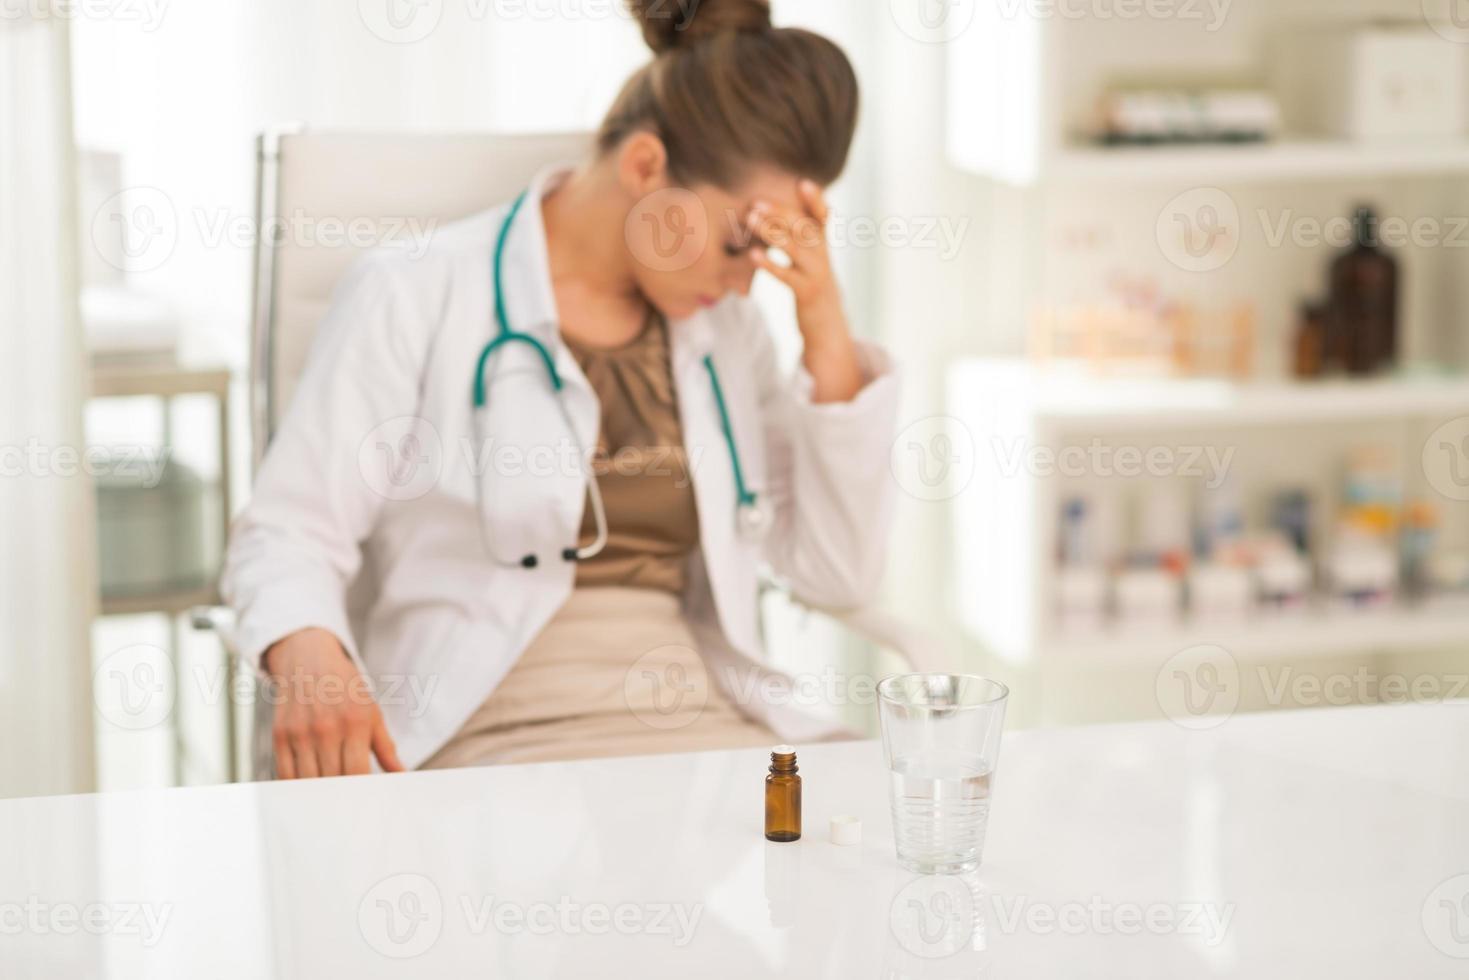 Primer plano sobre el doctor calmante y estresado de vidrio en segundo plano. foto